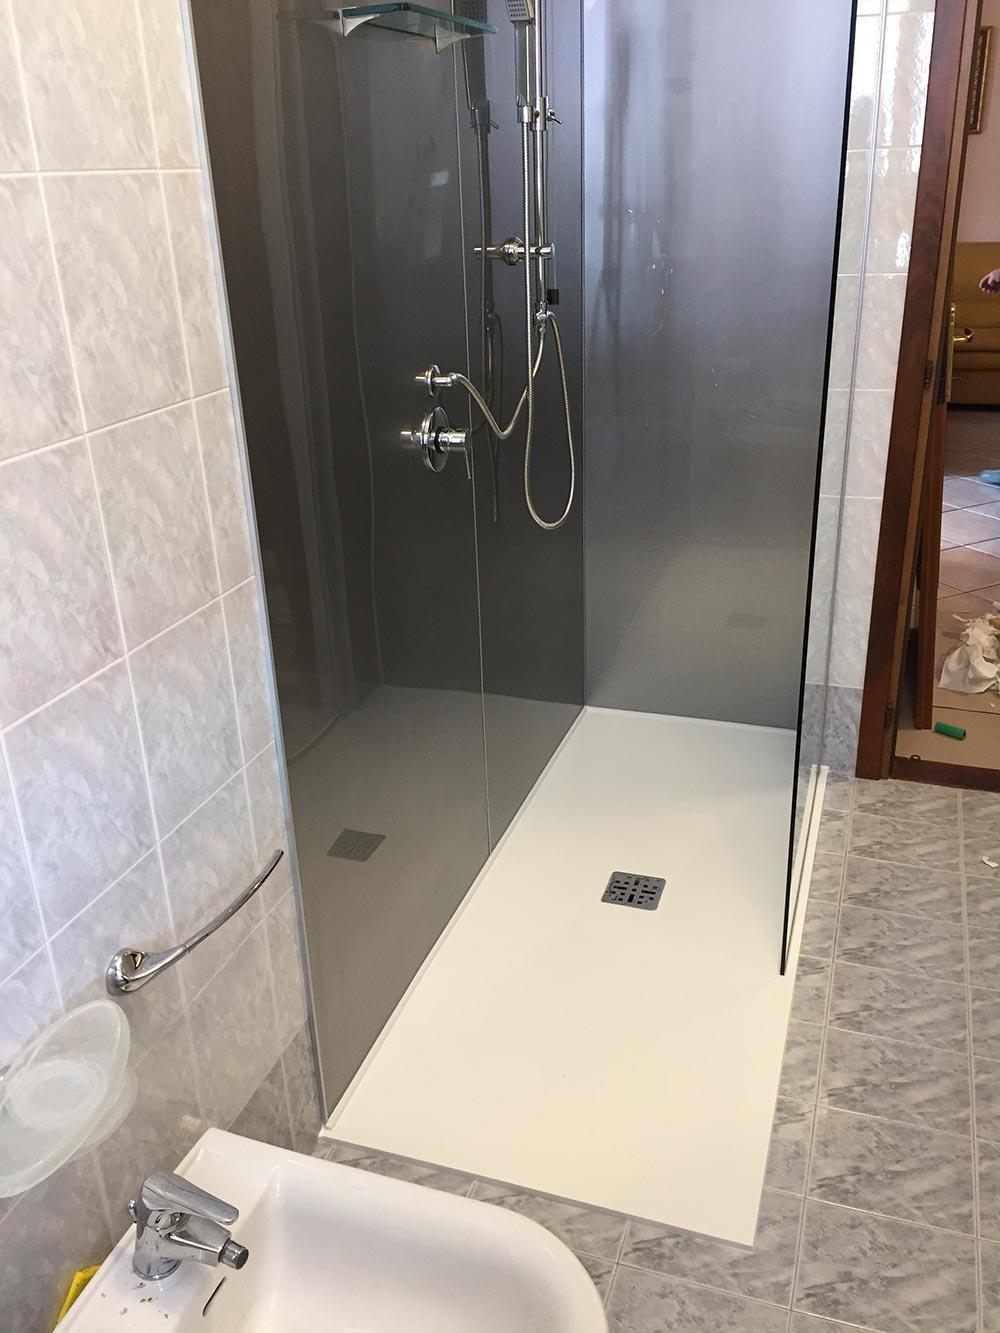 Piatto doccia filo pavimento piatto doccia per disabili - Piatto doccia a filo ...